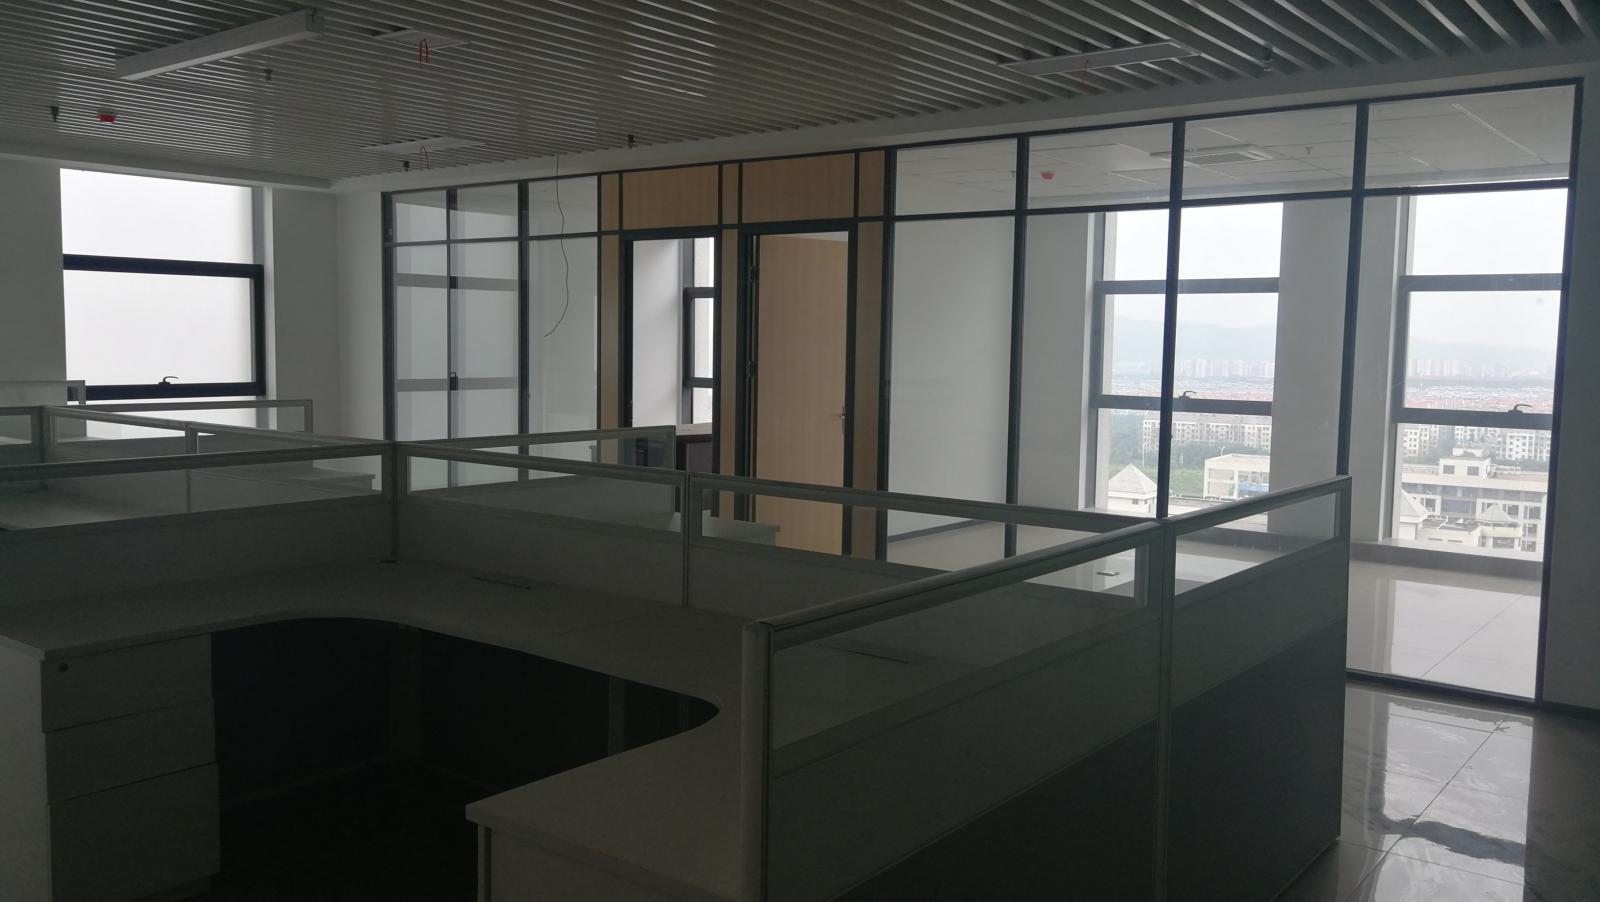 浦口区高新长峰大厦租房